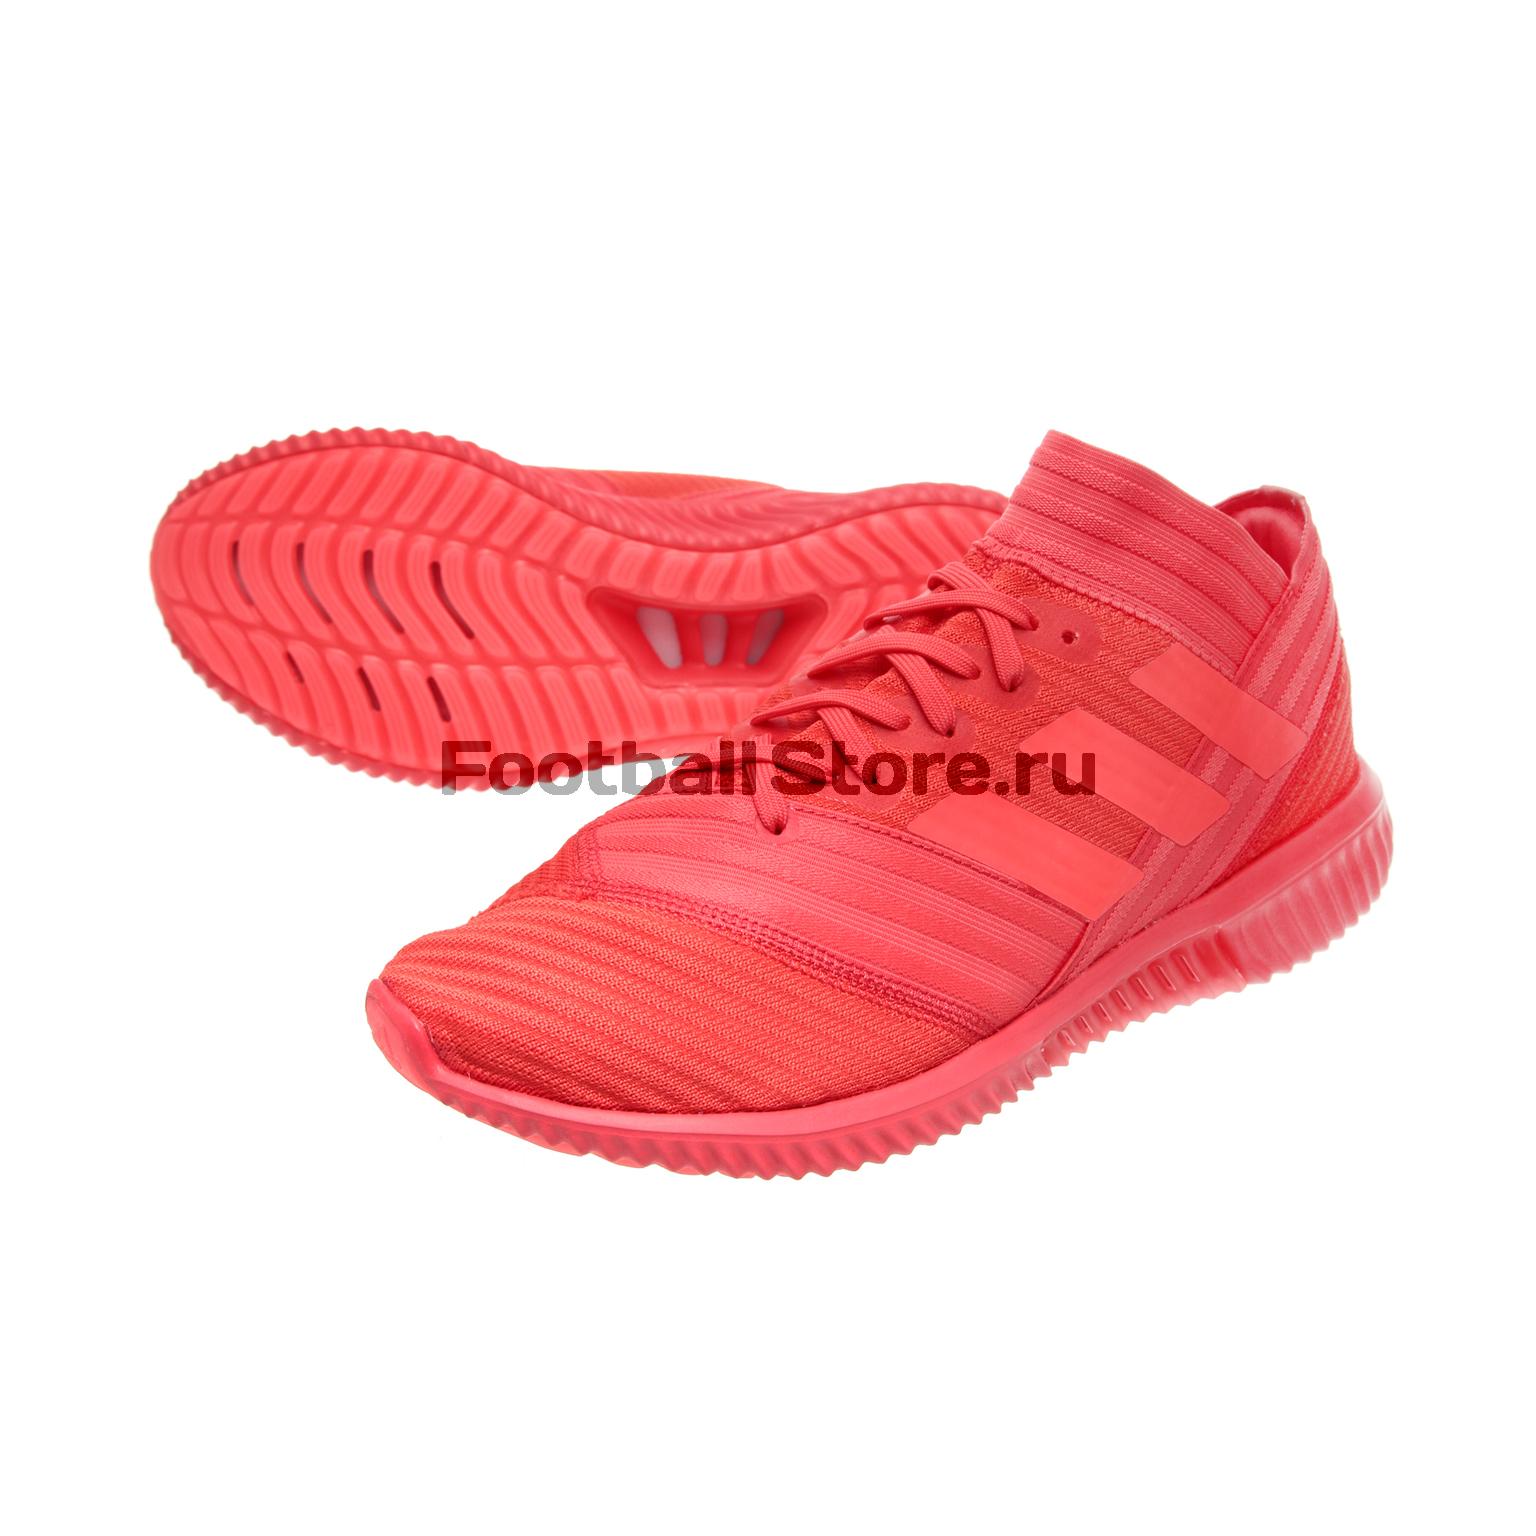 Футбольная обувь Adidas Nemeziz Tango 17.1 TR CP9116 обувь для борьбы adidas combat speed iv